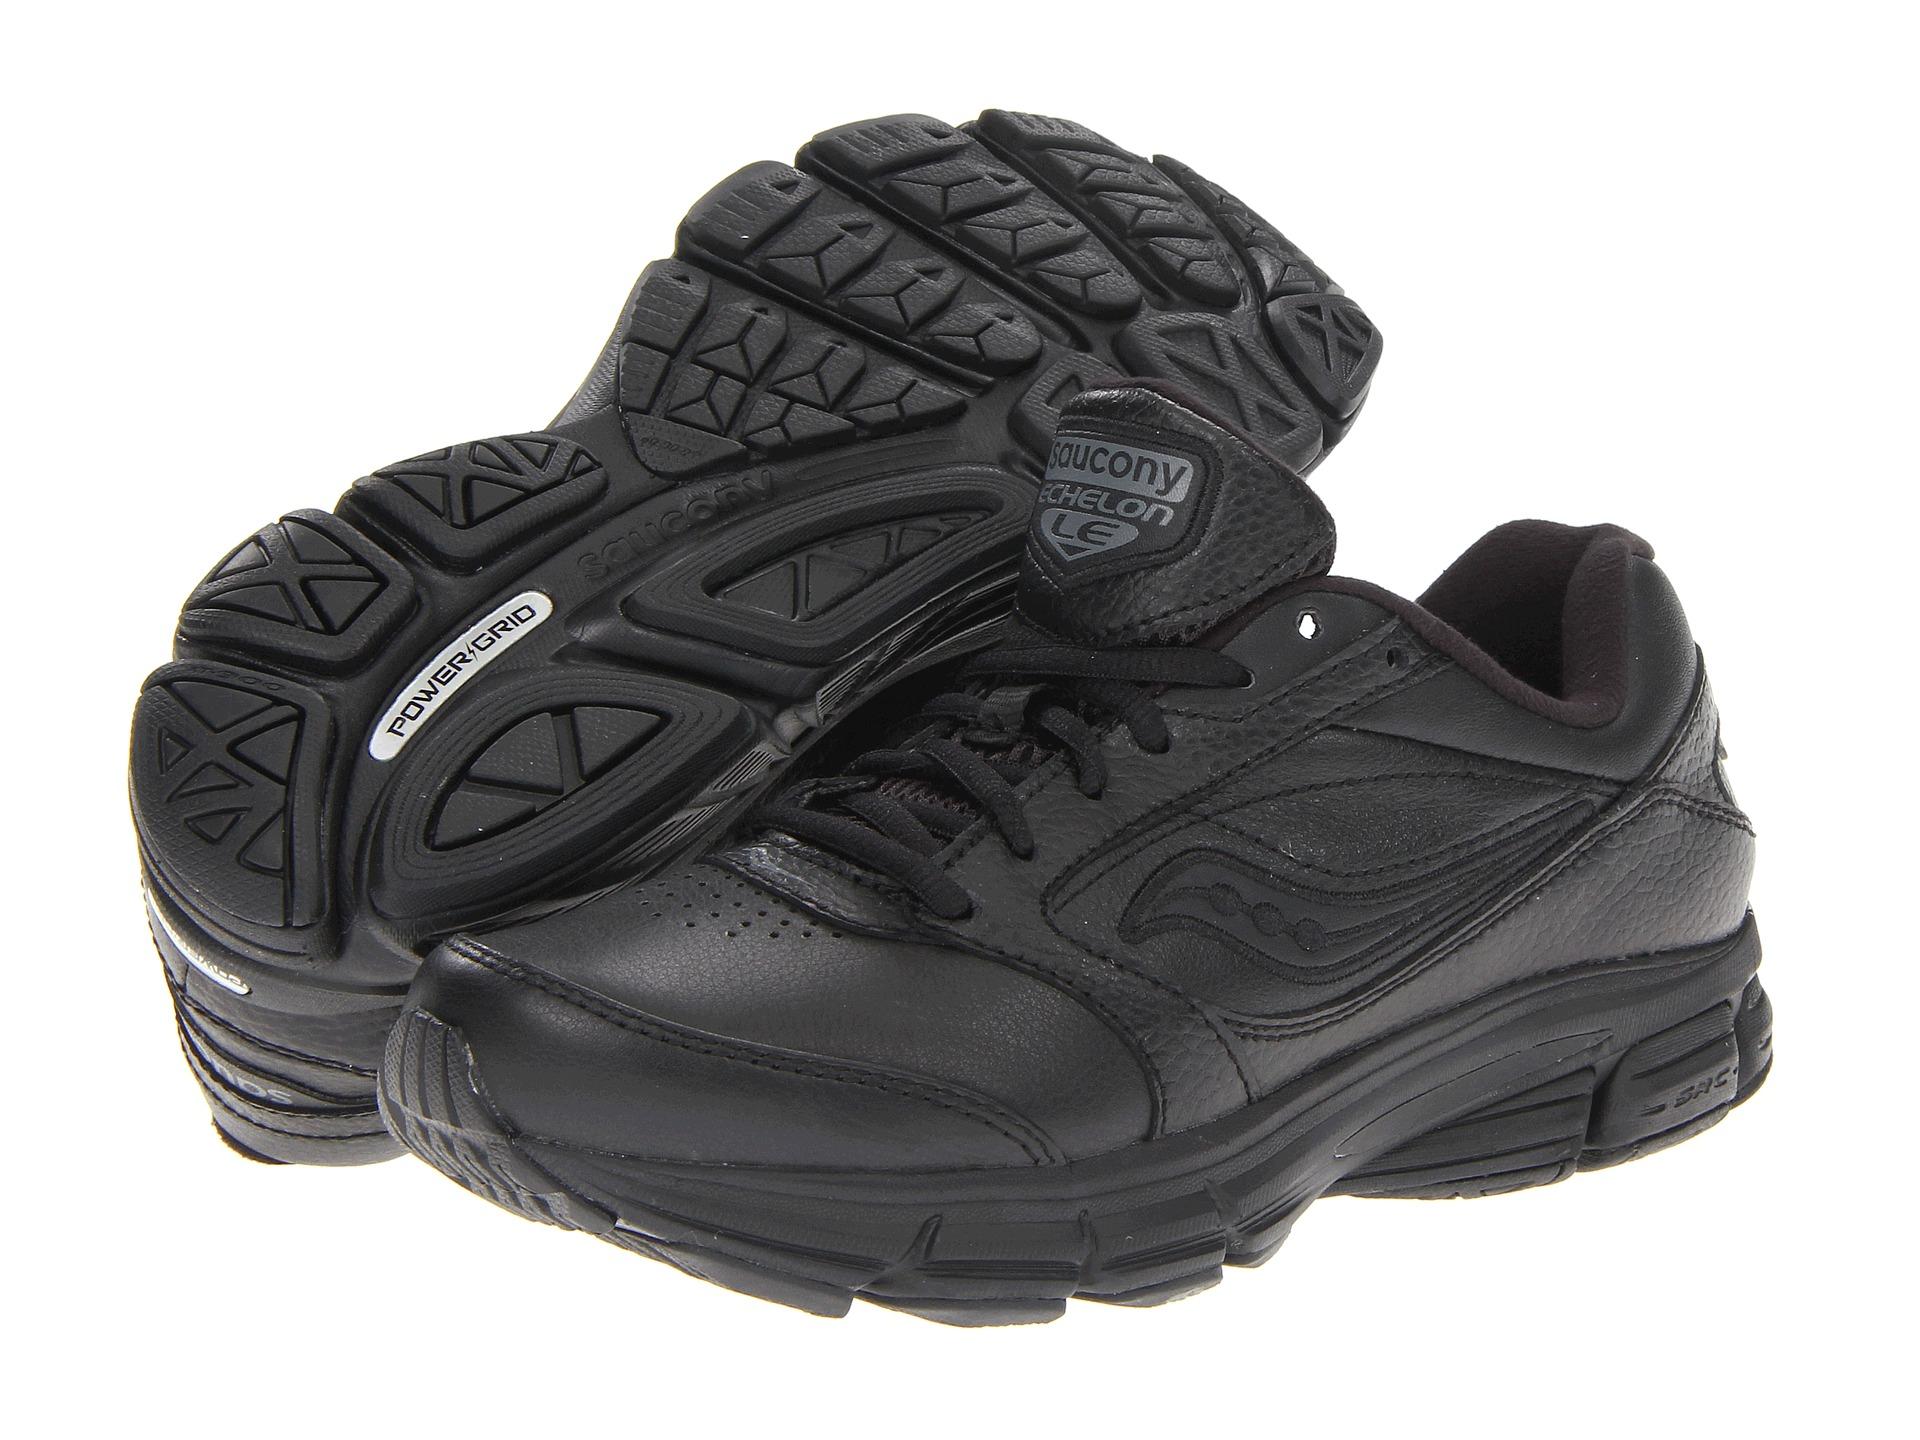 Saucony Men S Walking Shoes Reviews